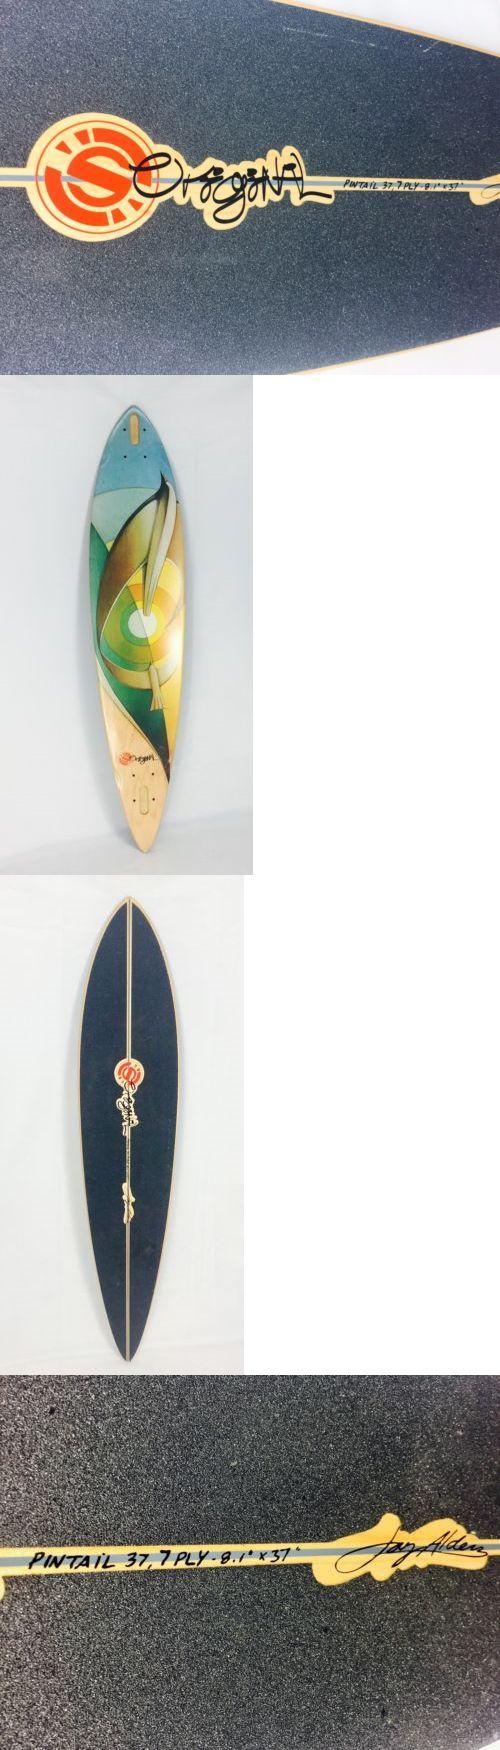 Longboards-Complete 165942: Jay Alders Original Longboard Pintail 37 Deck Board Skateboard -> BUY IT NOW ONLY: $78.99 on eBay!